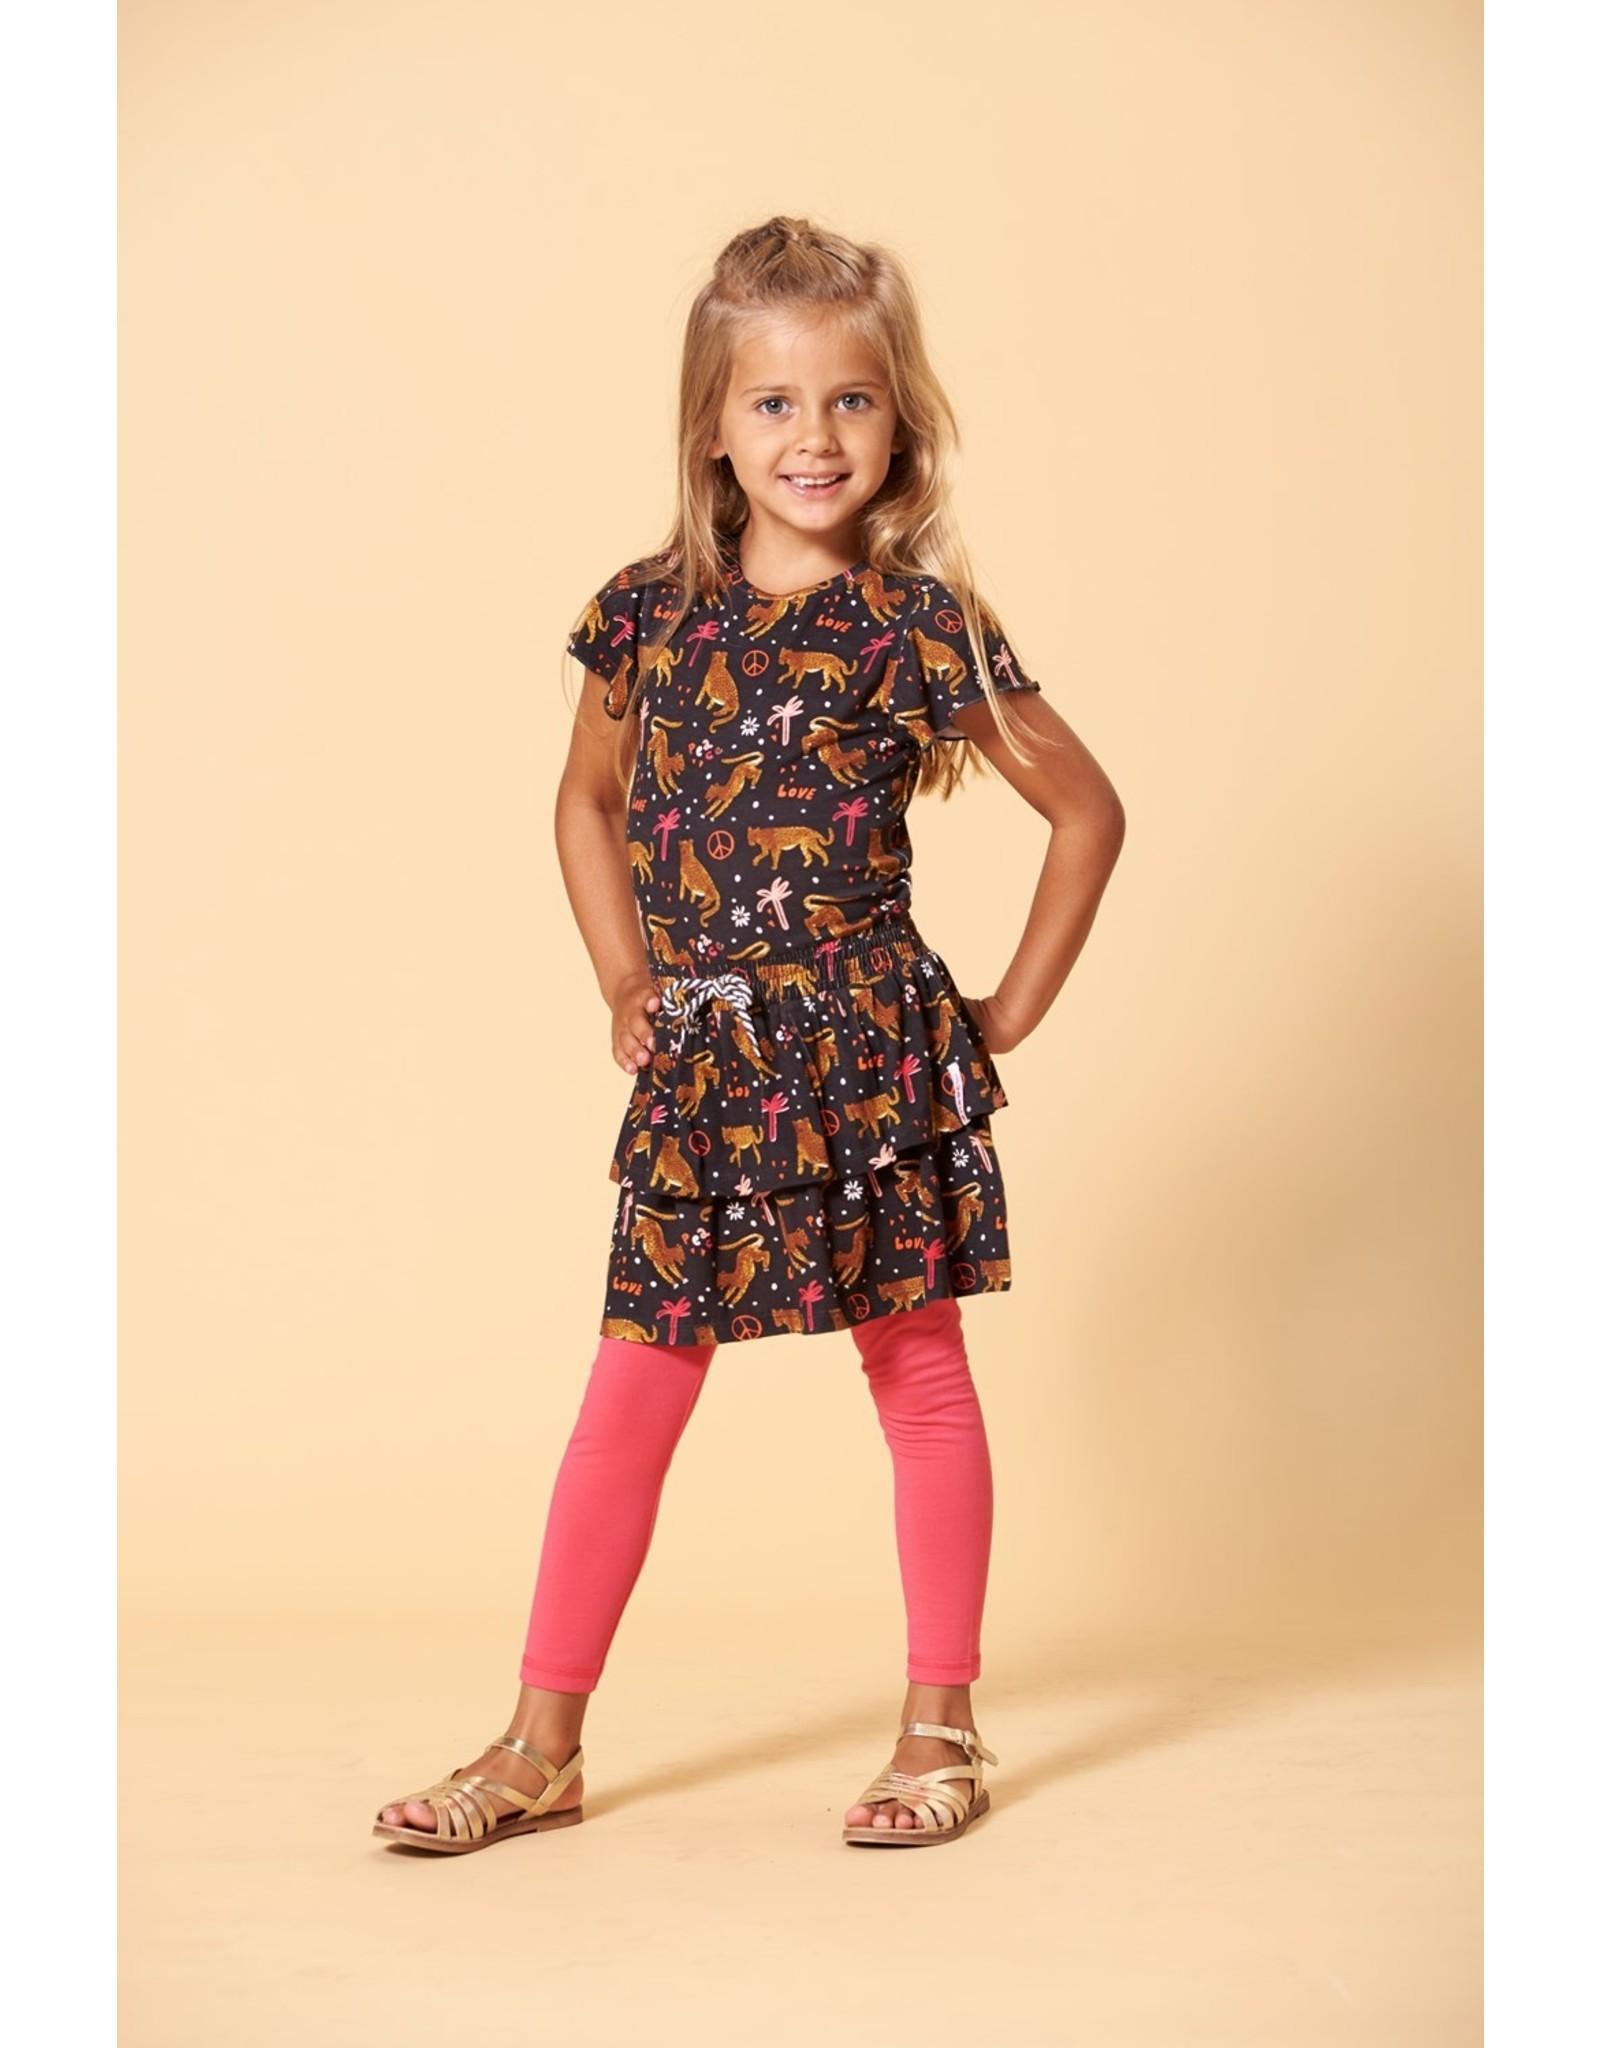 Jubel Legging fuchsia - Whoopsie Daisy